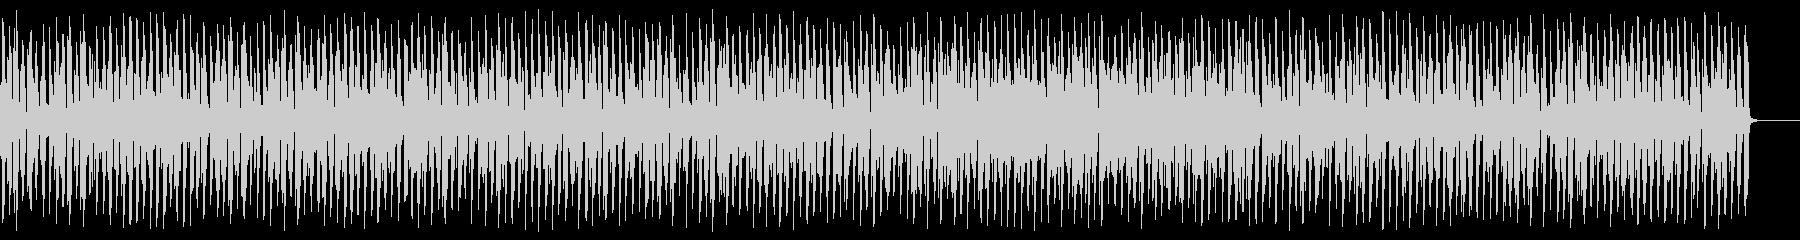 陽気でほのぼのアコーディオンジャズの未再生の波形